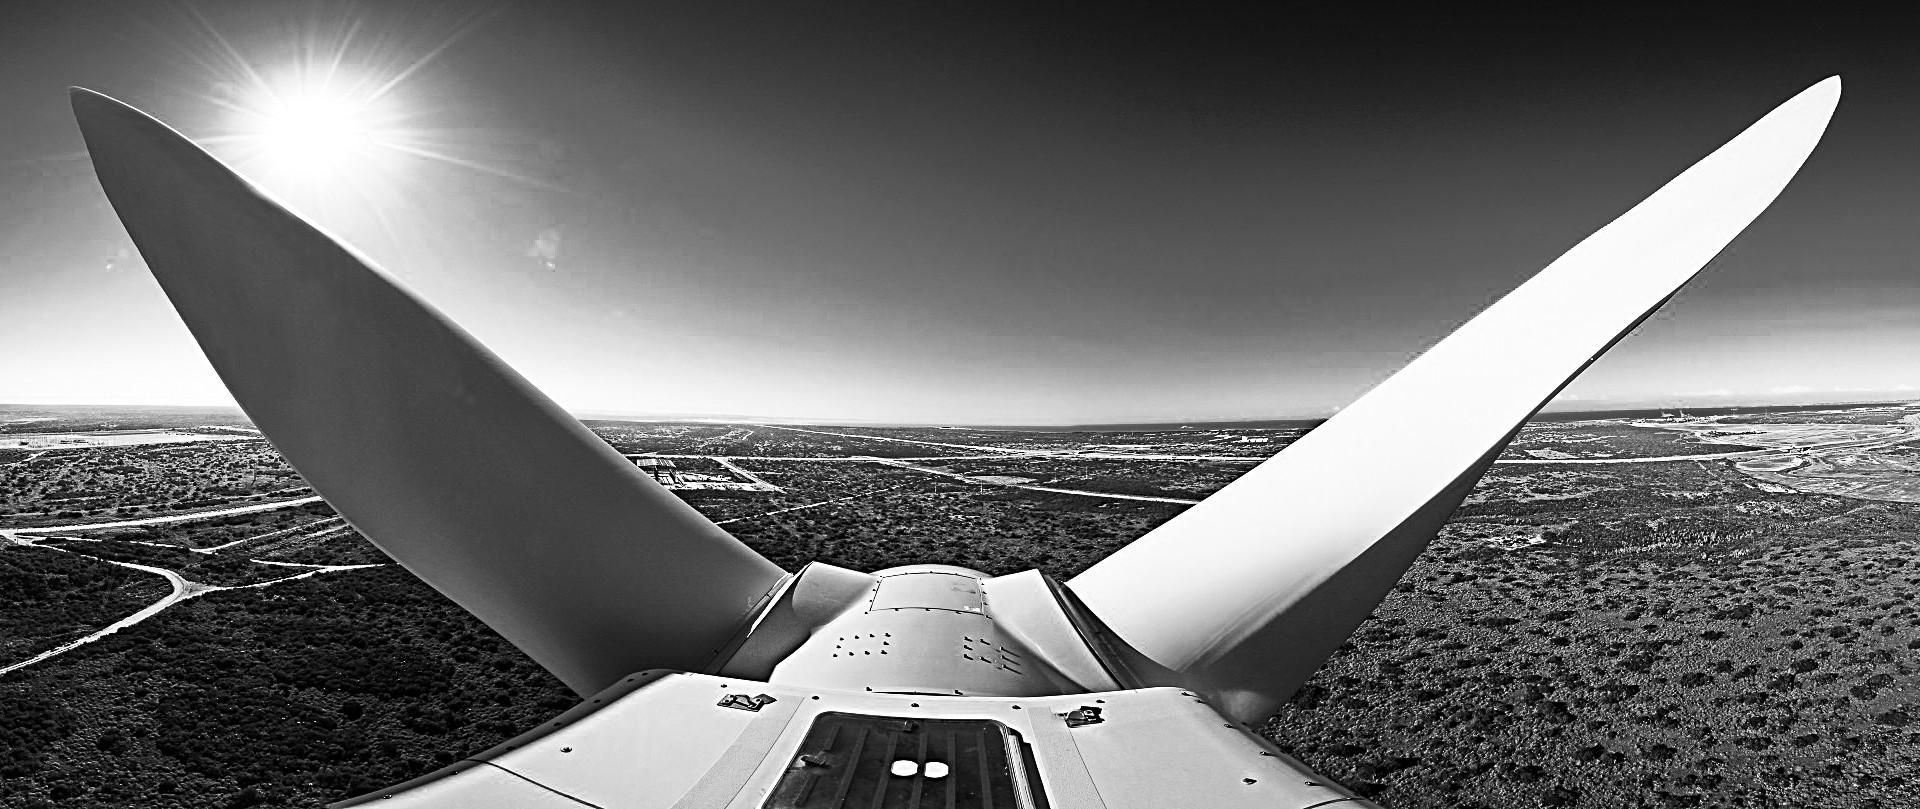 turbine sun 3 edit.jpg